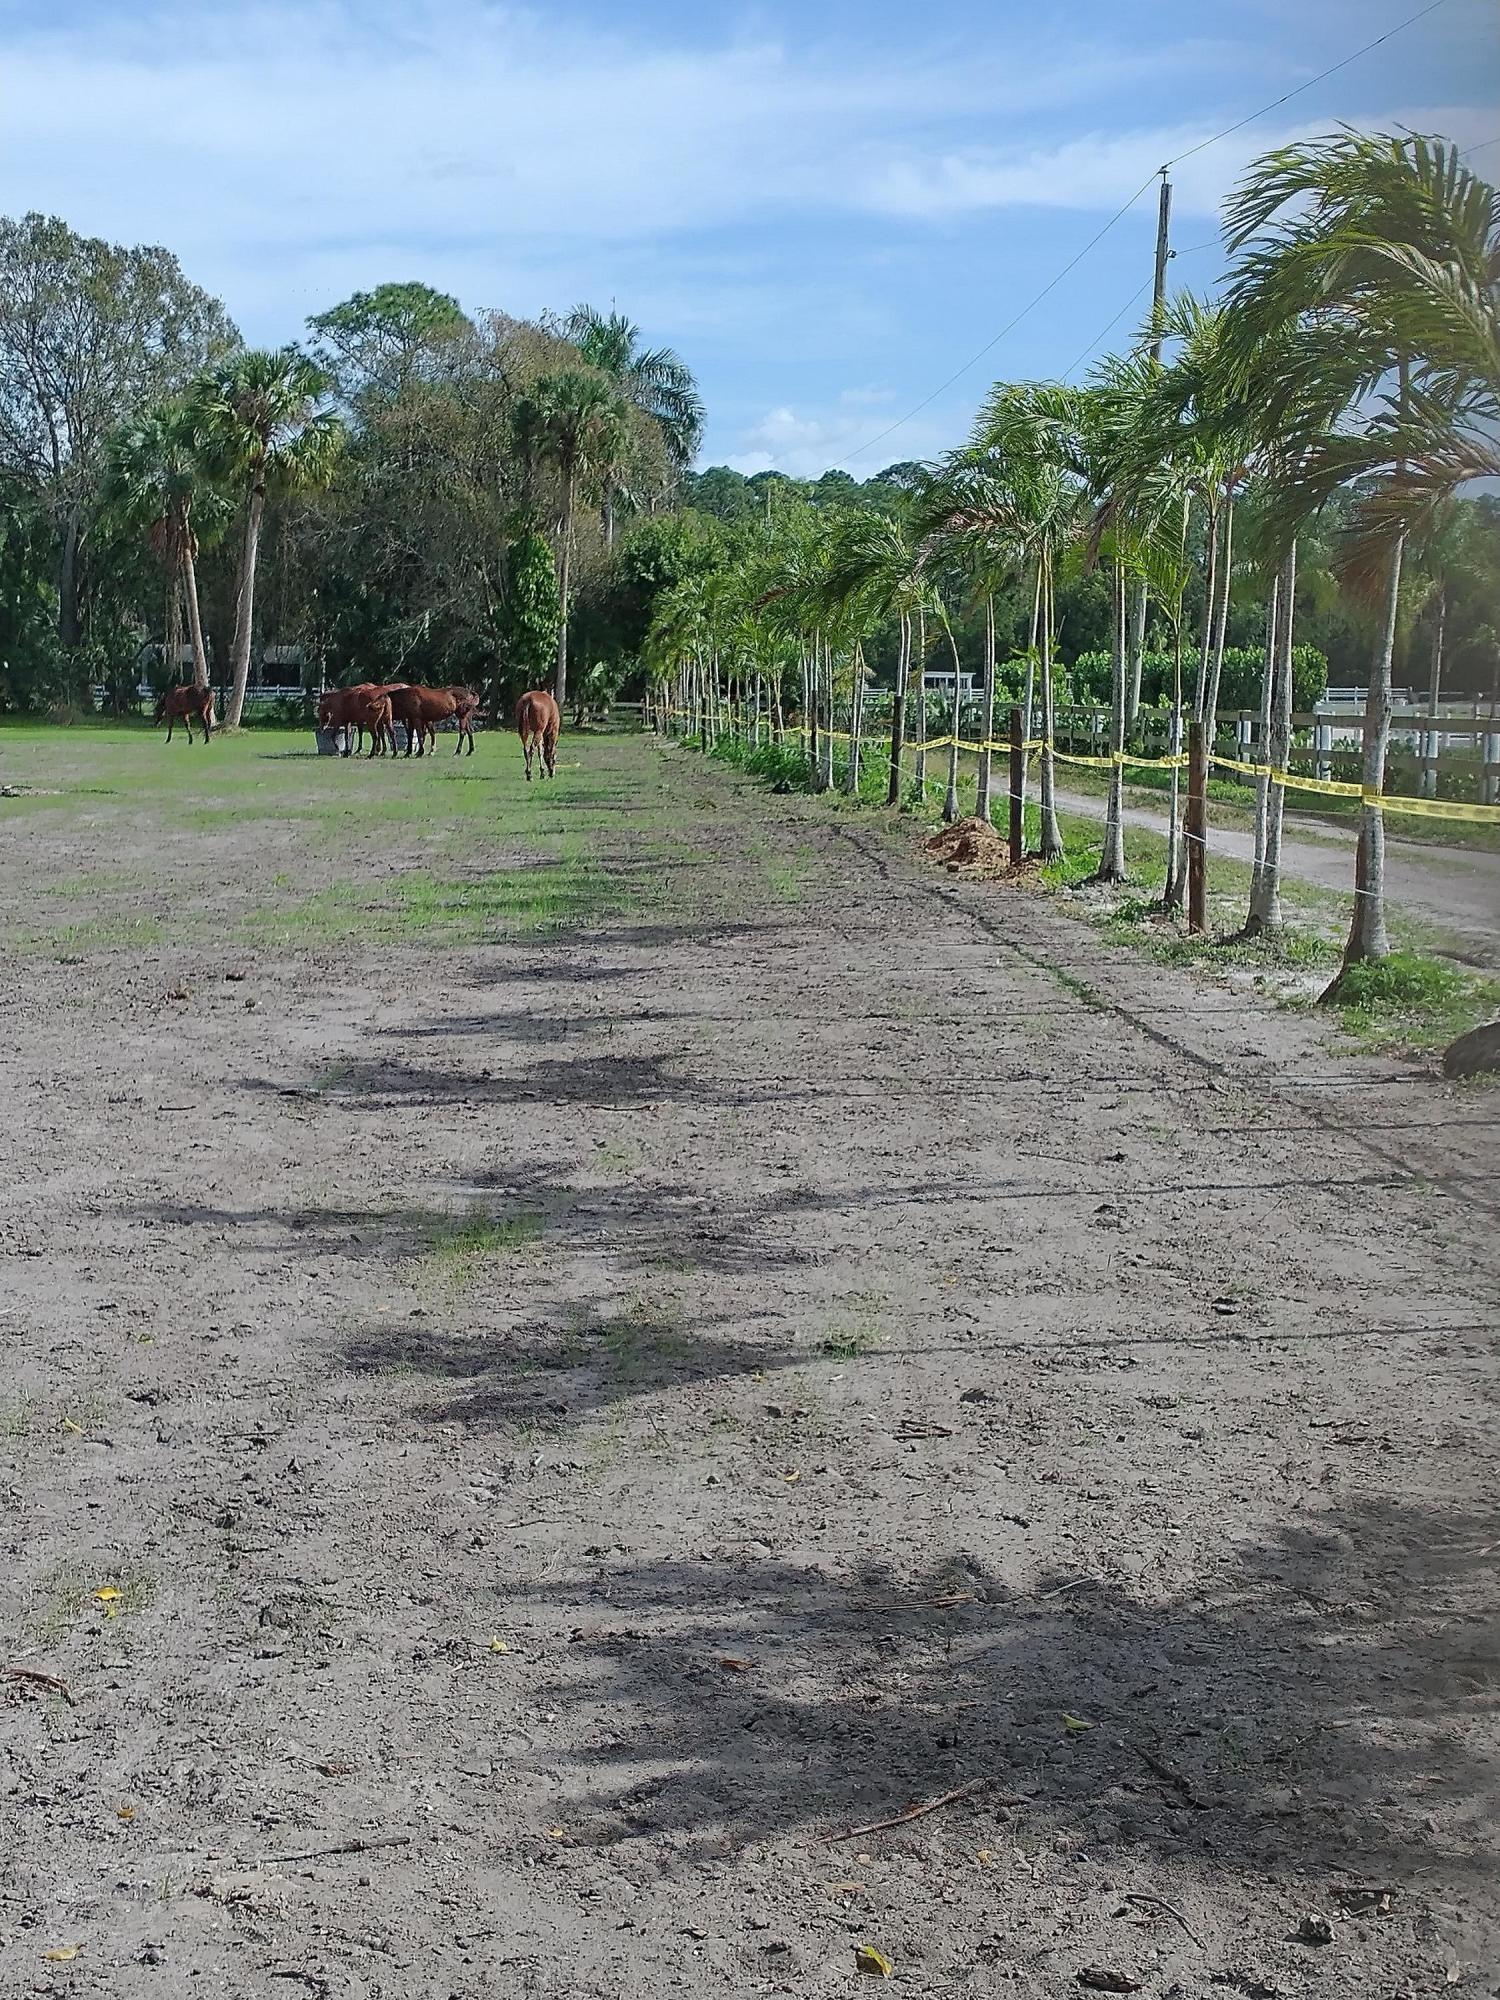 1100 horses along easement